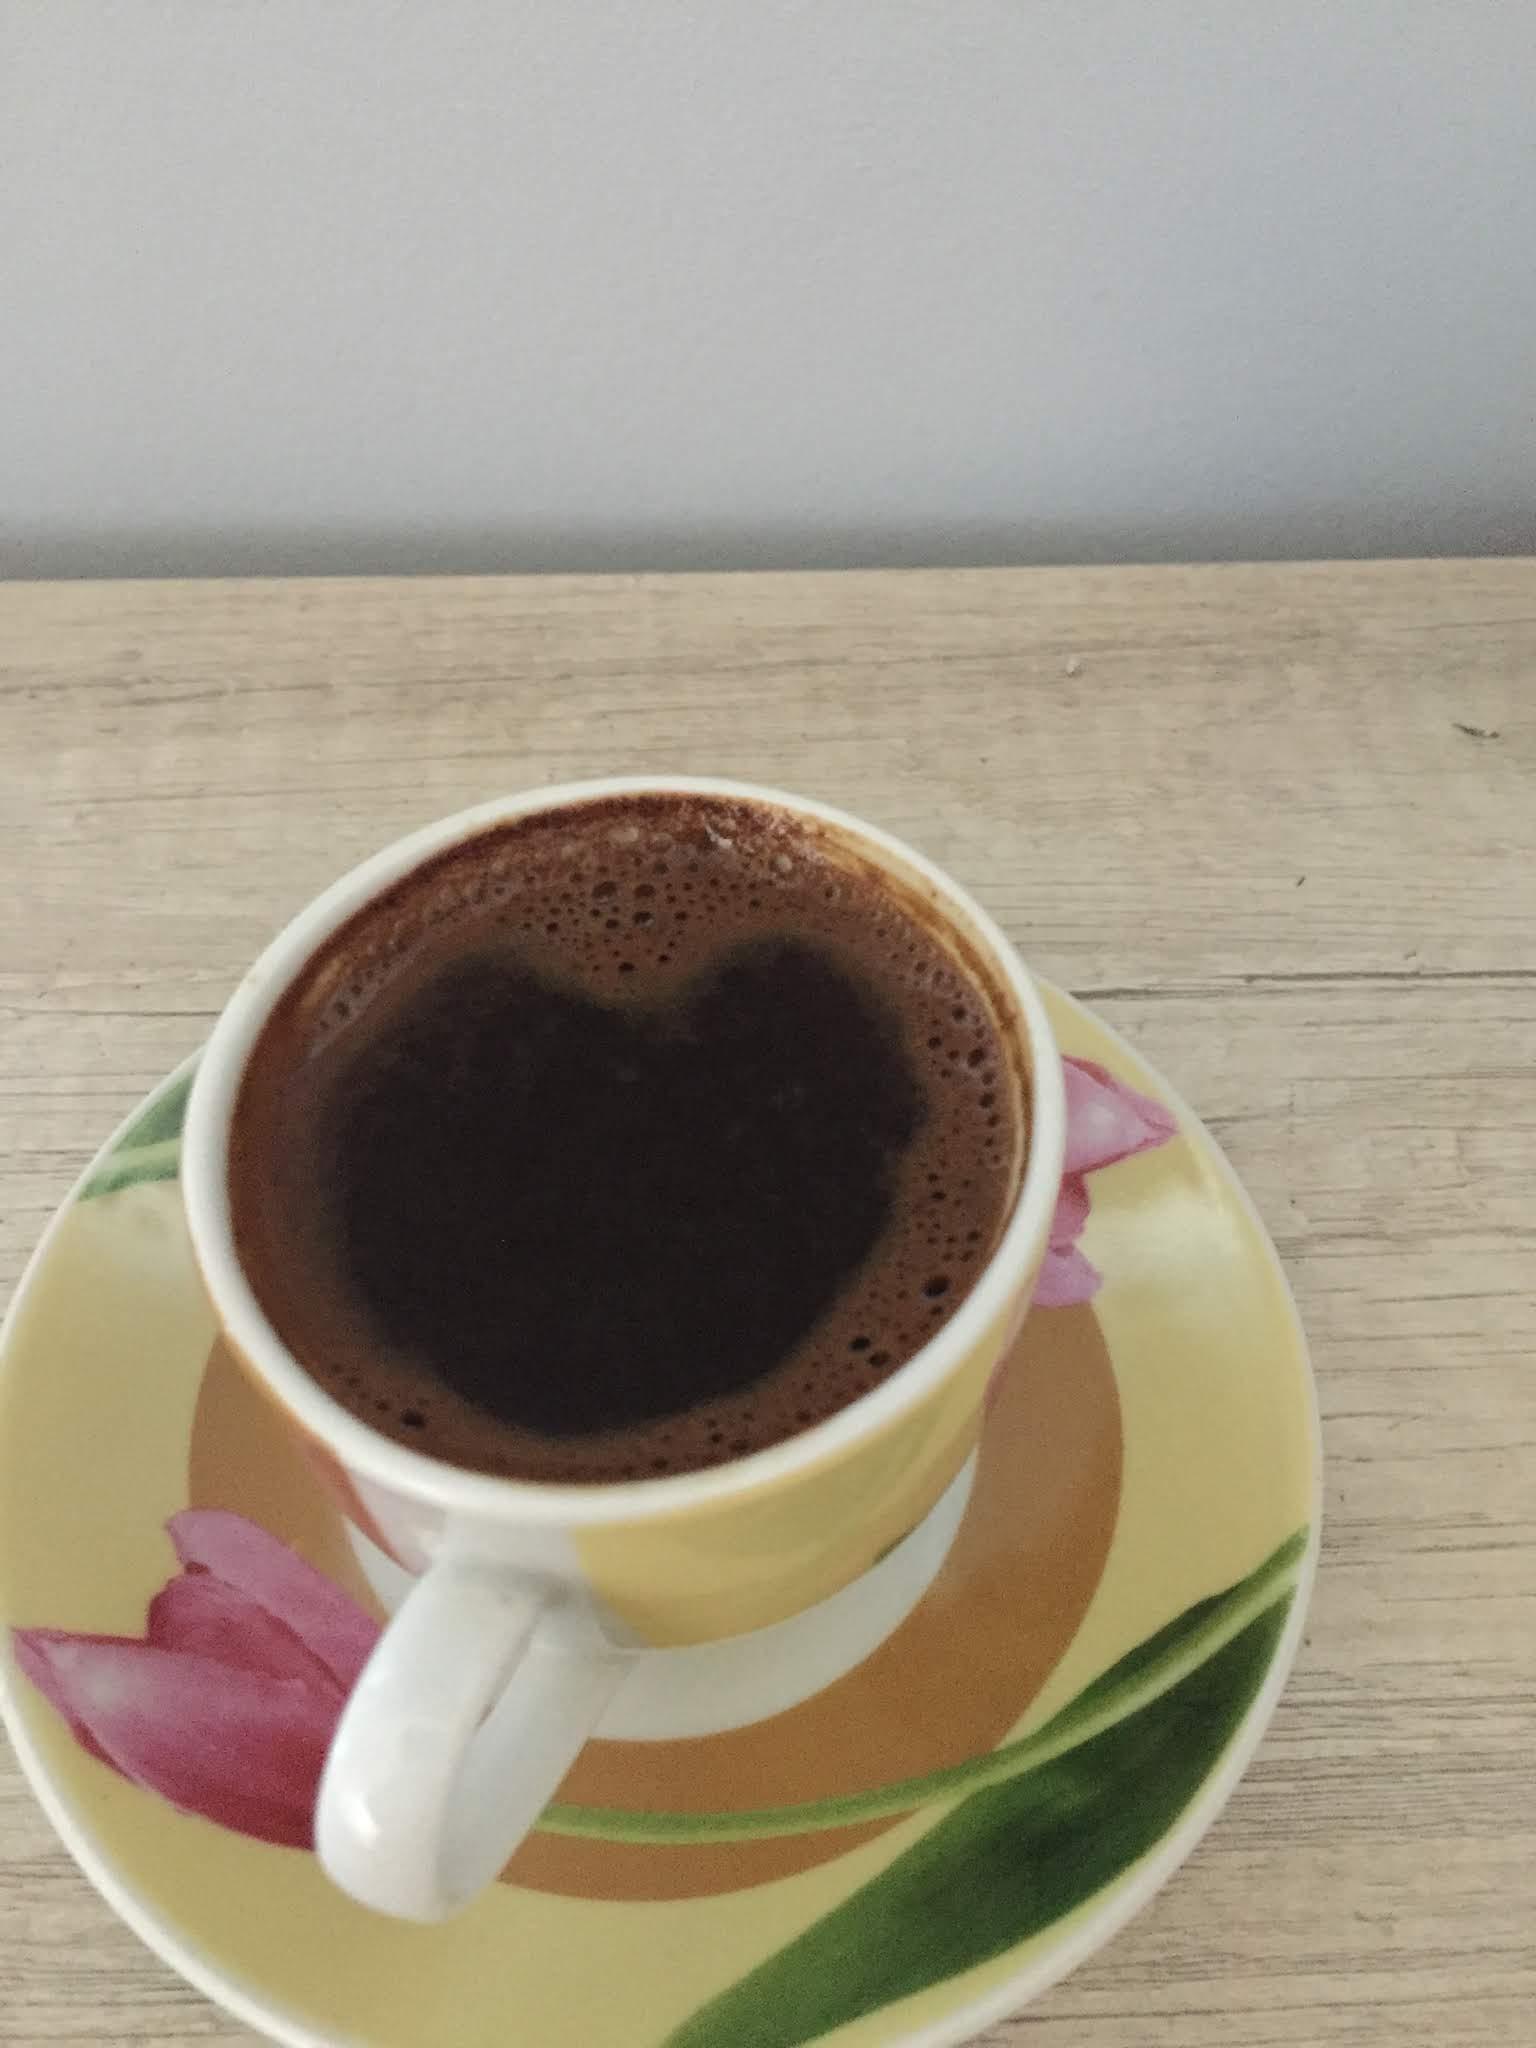 Νόμιζε ότι της έκαναν πλάκα με αυτό που είδε στον καφέ της στην Εύβοια!